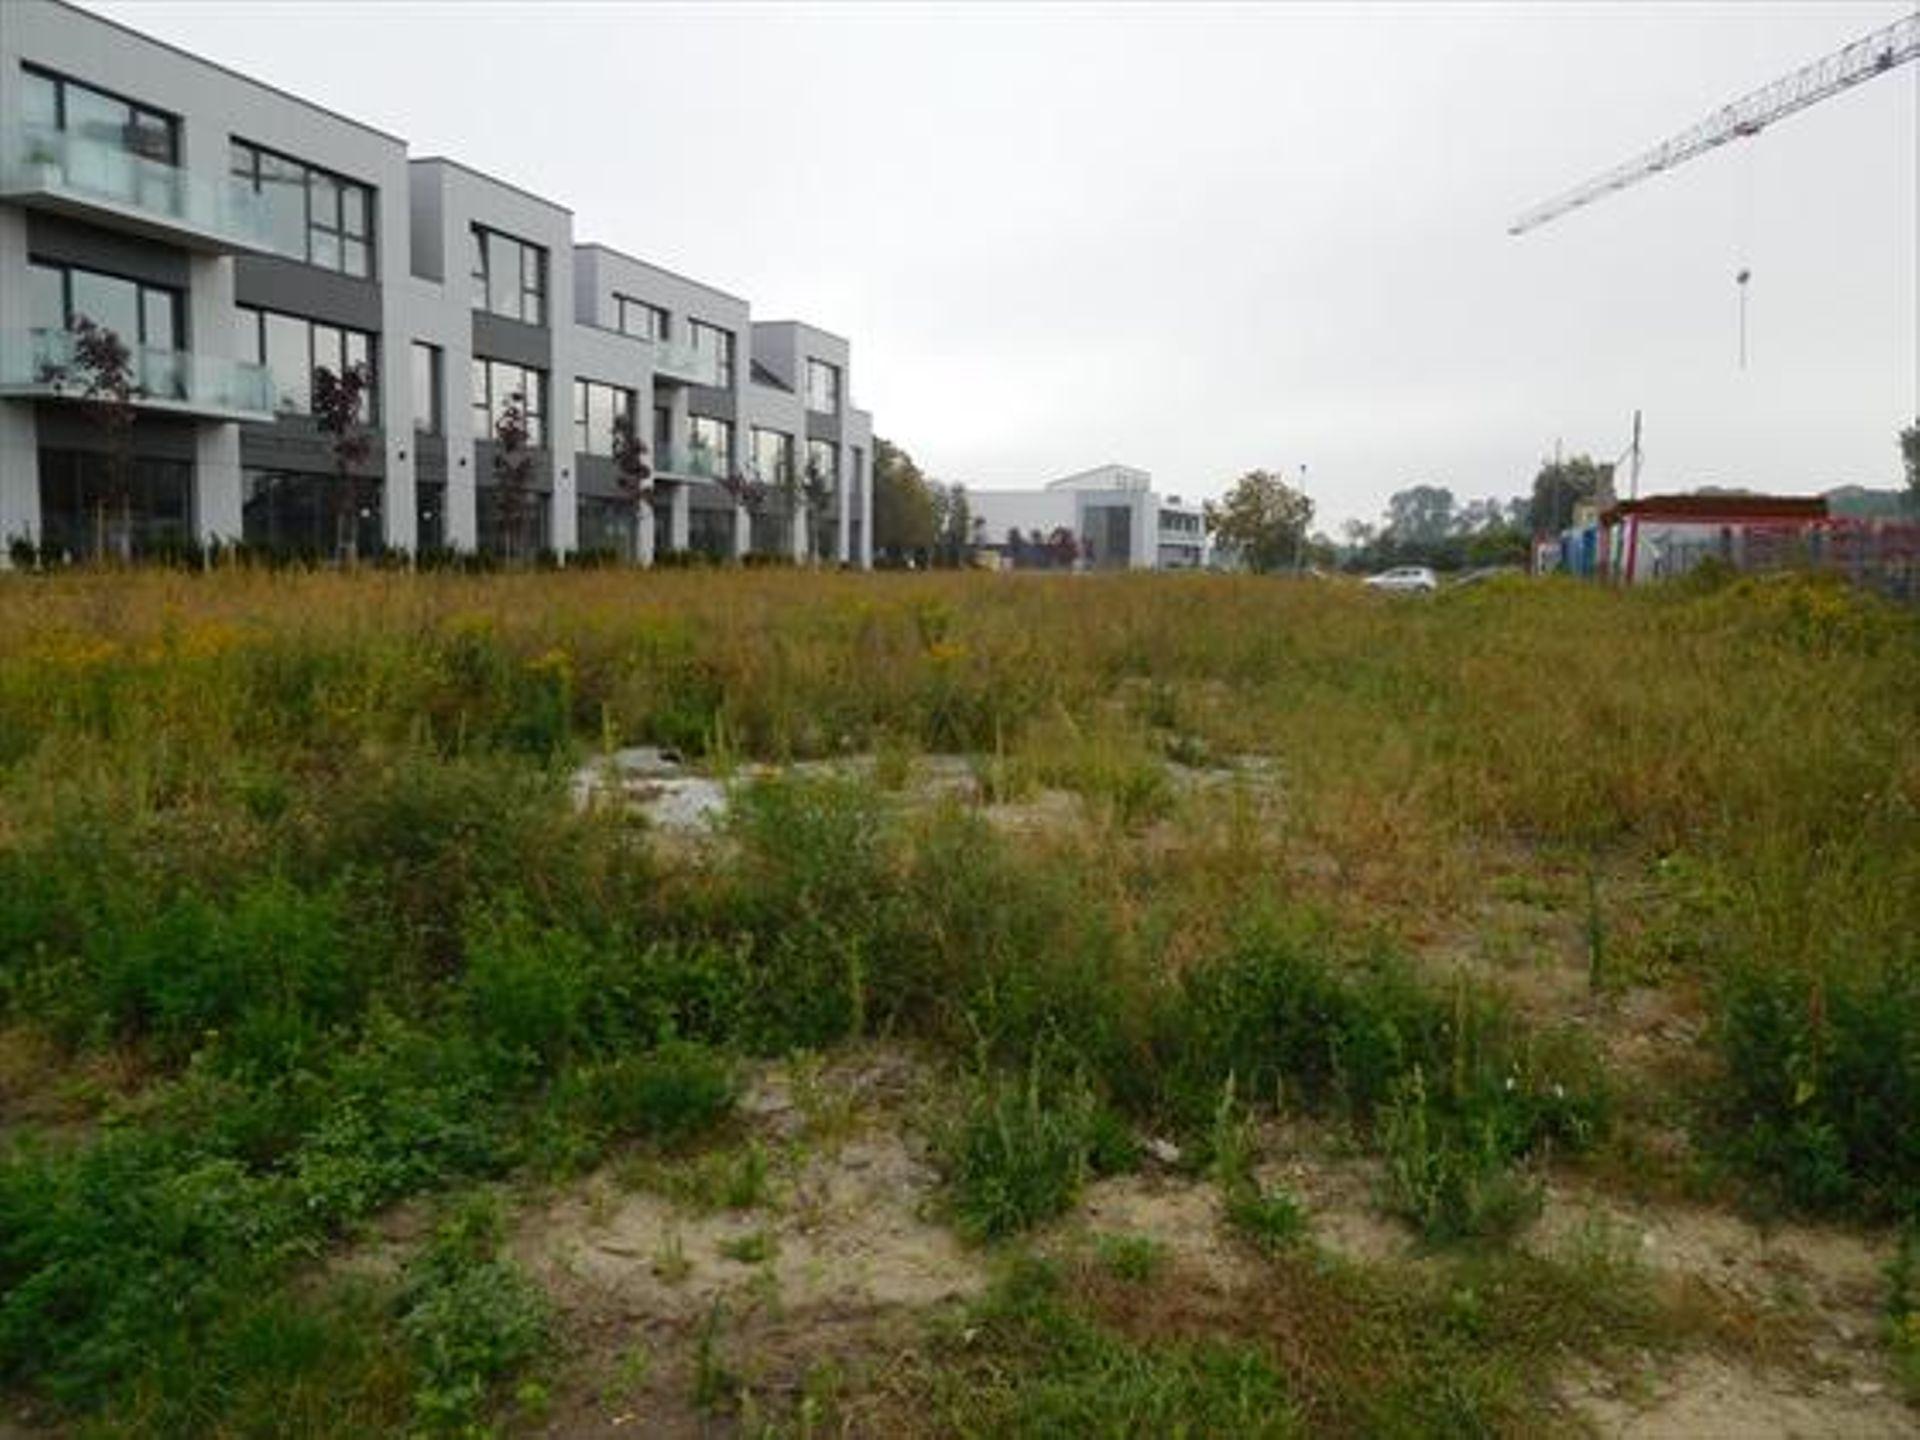 Wrocław: Nowe osiedle na Ołtaszynie będzie jednak większe. Deweloper kupił więcej ziemi